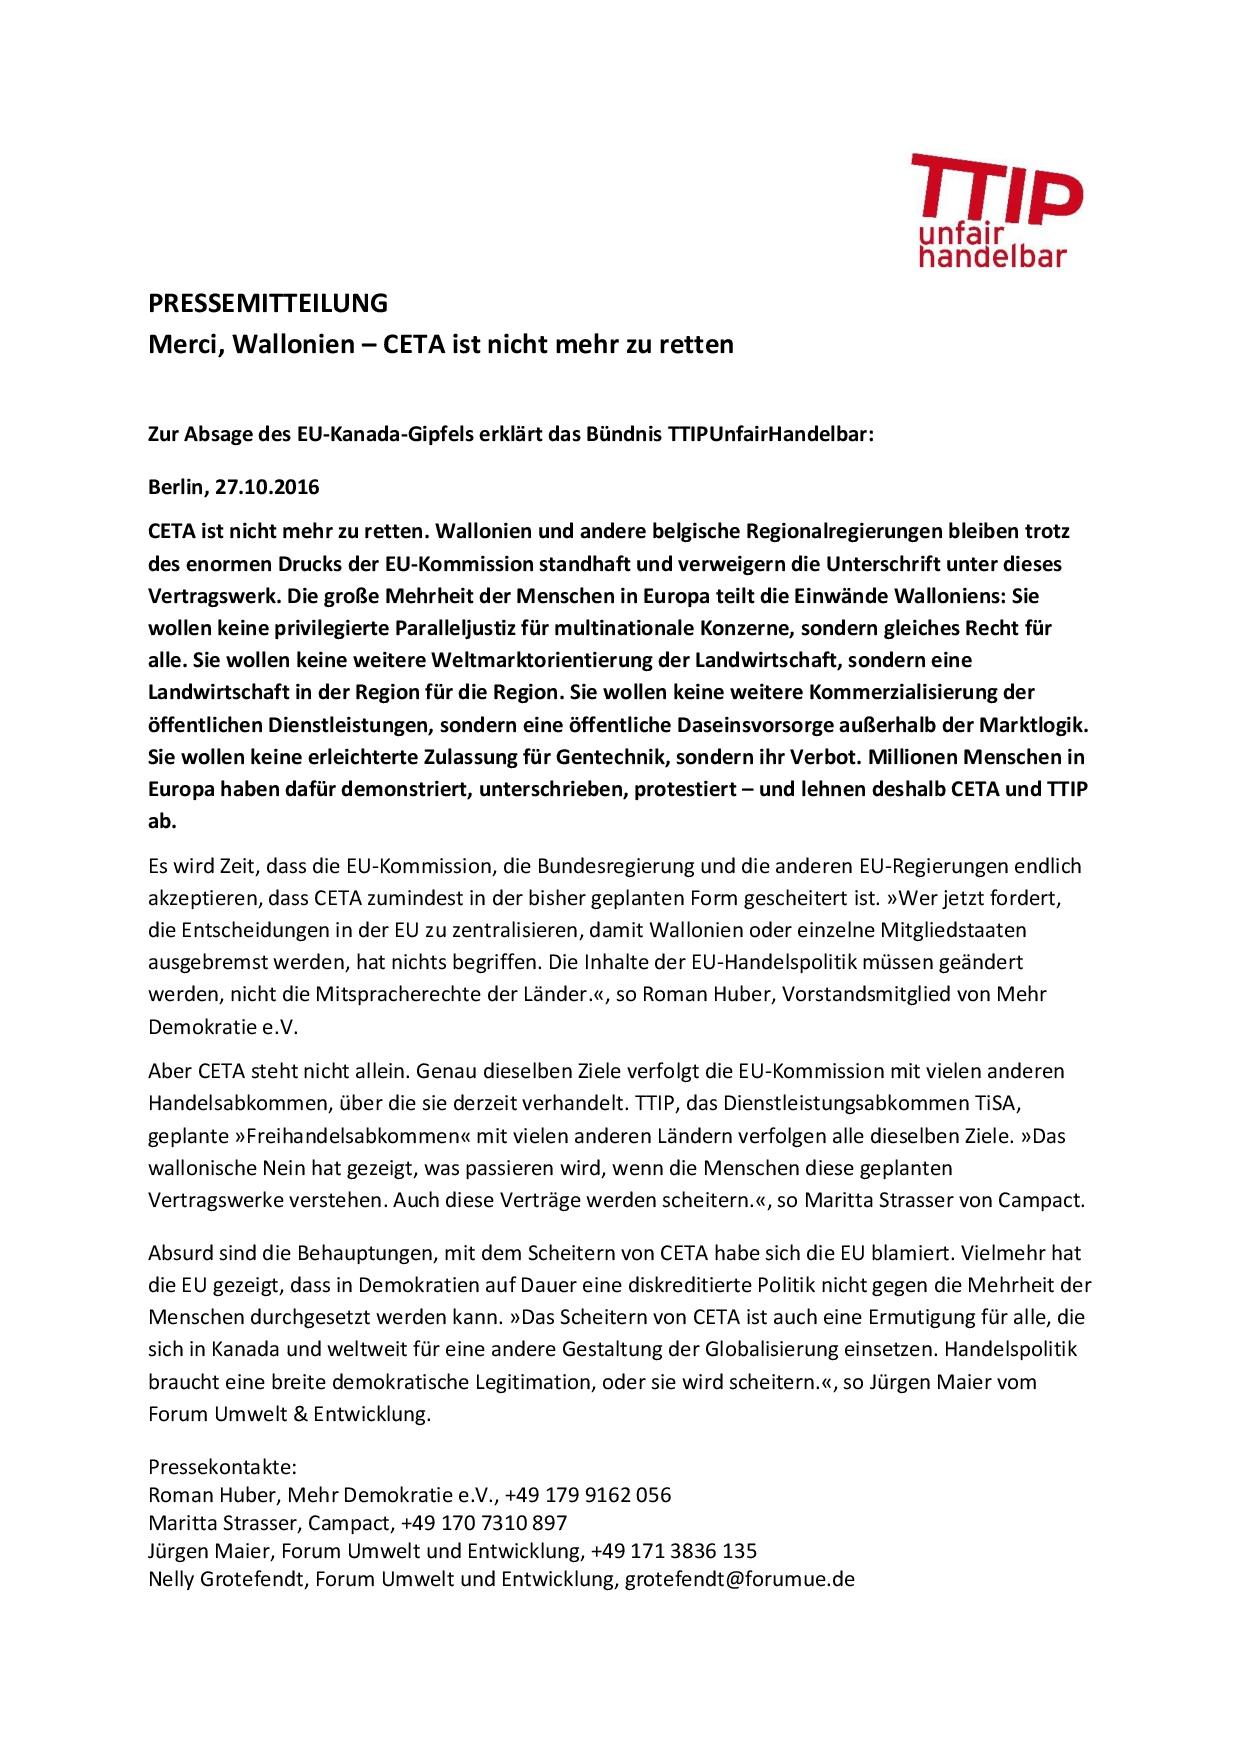 pm_merci-valonien_ceta-ist-nicht-mehr-zu-retten_27-10-16